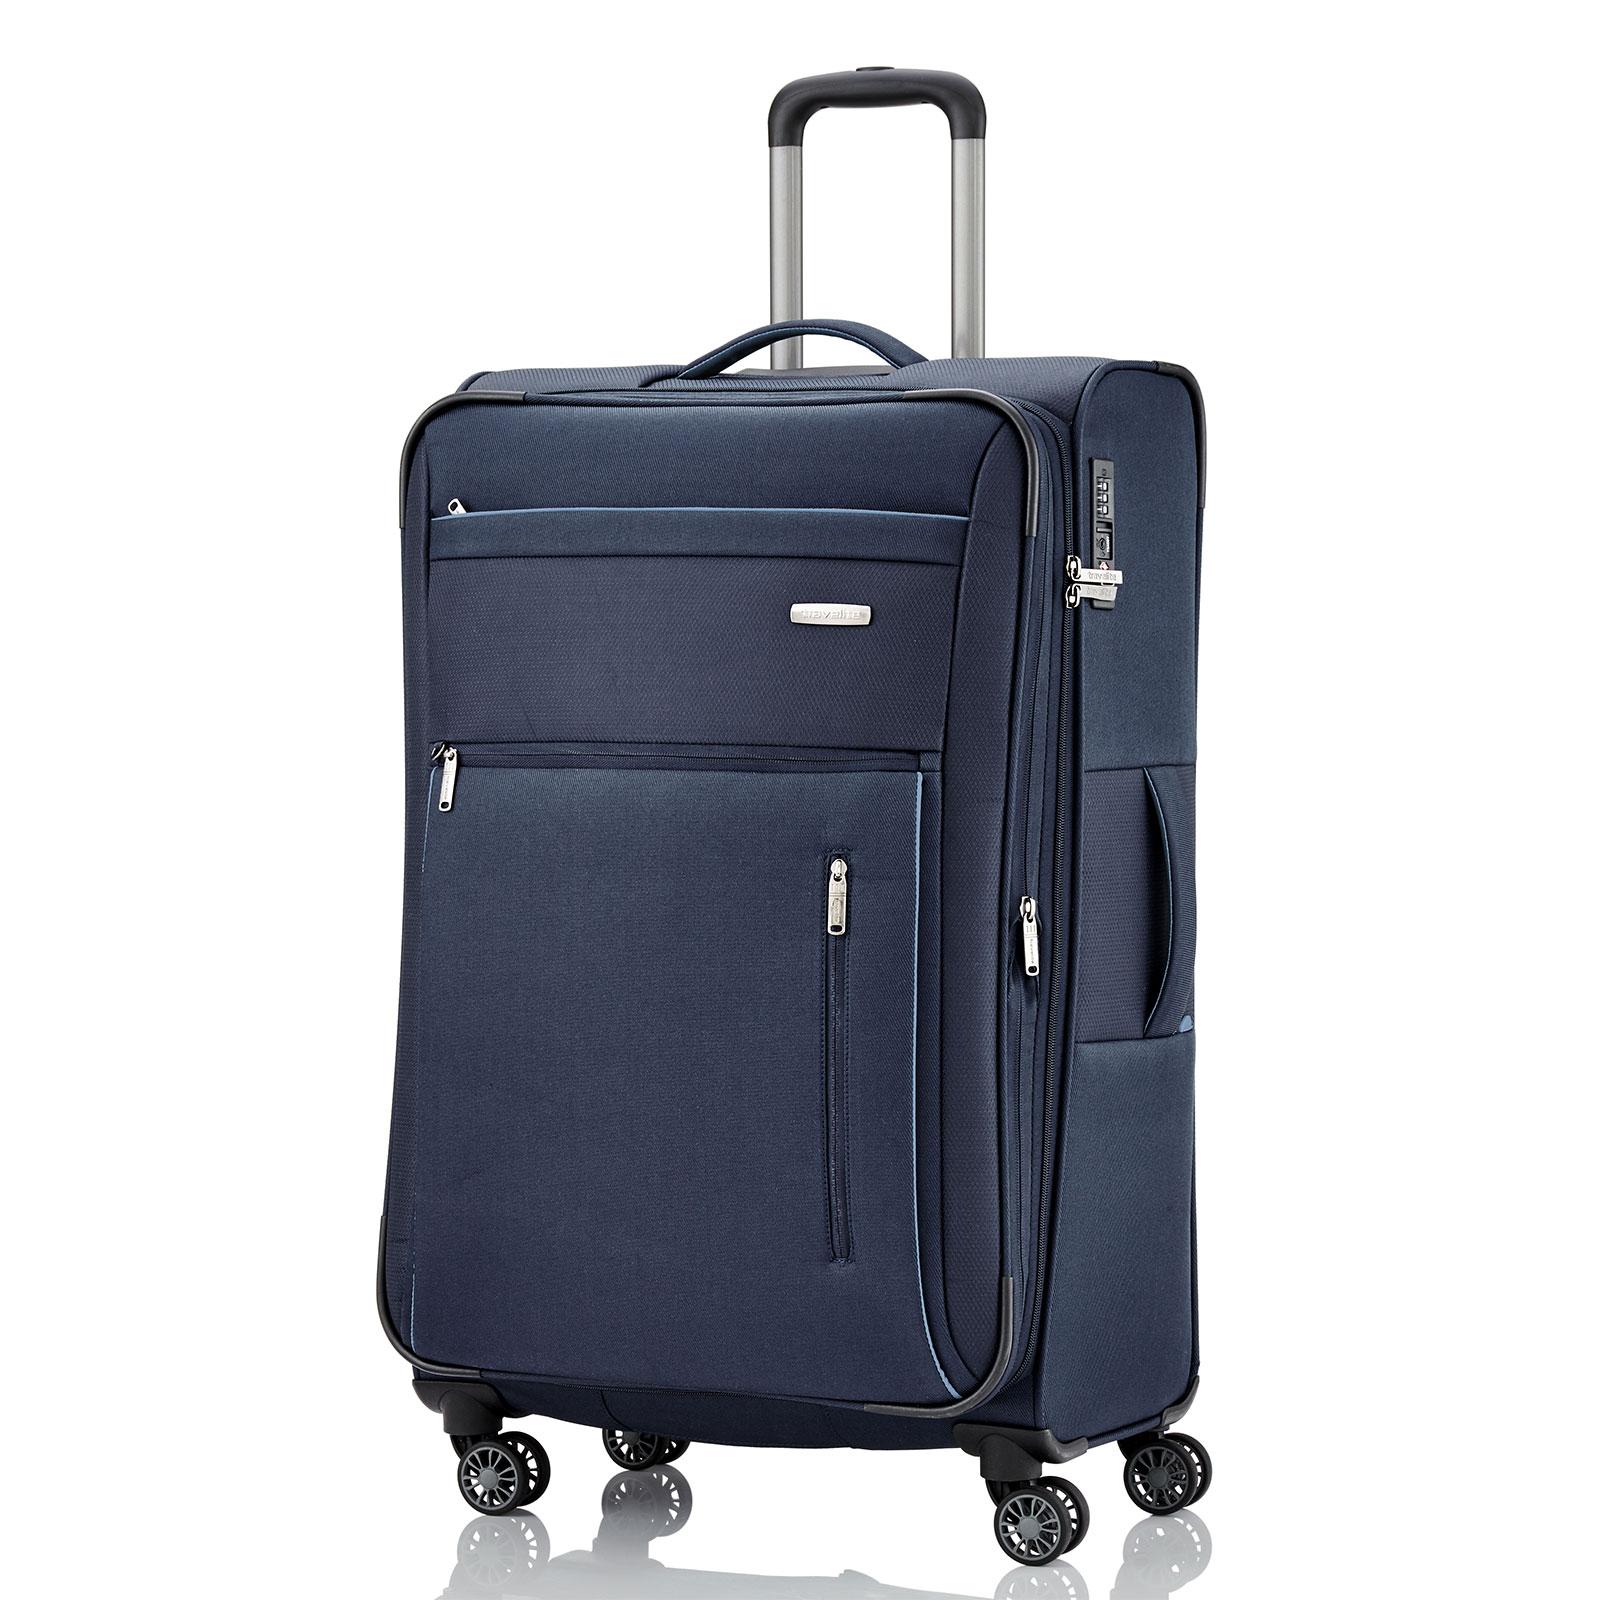 travelite capri trolley 76 cm 4 rollen erweiterbar g nstig kaufen koffermarkt. Black Bedroom Furniture Sets. Home Design Ideas